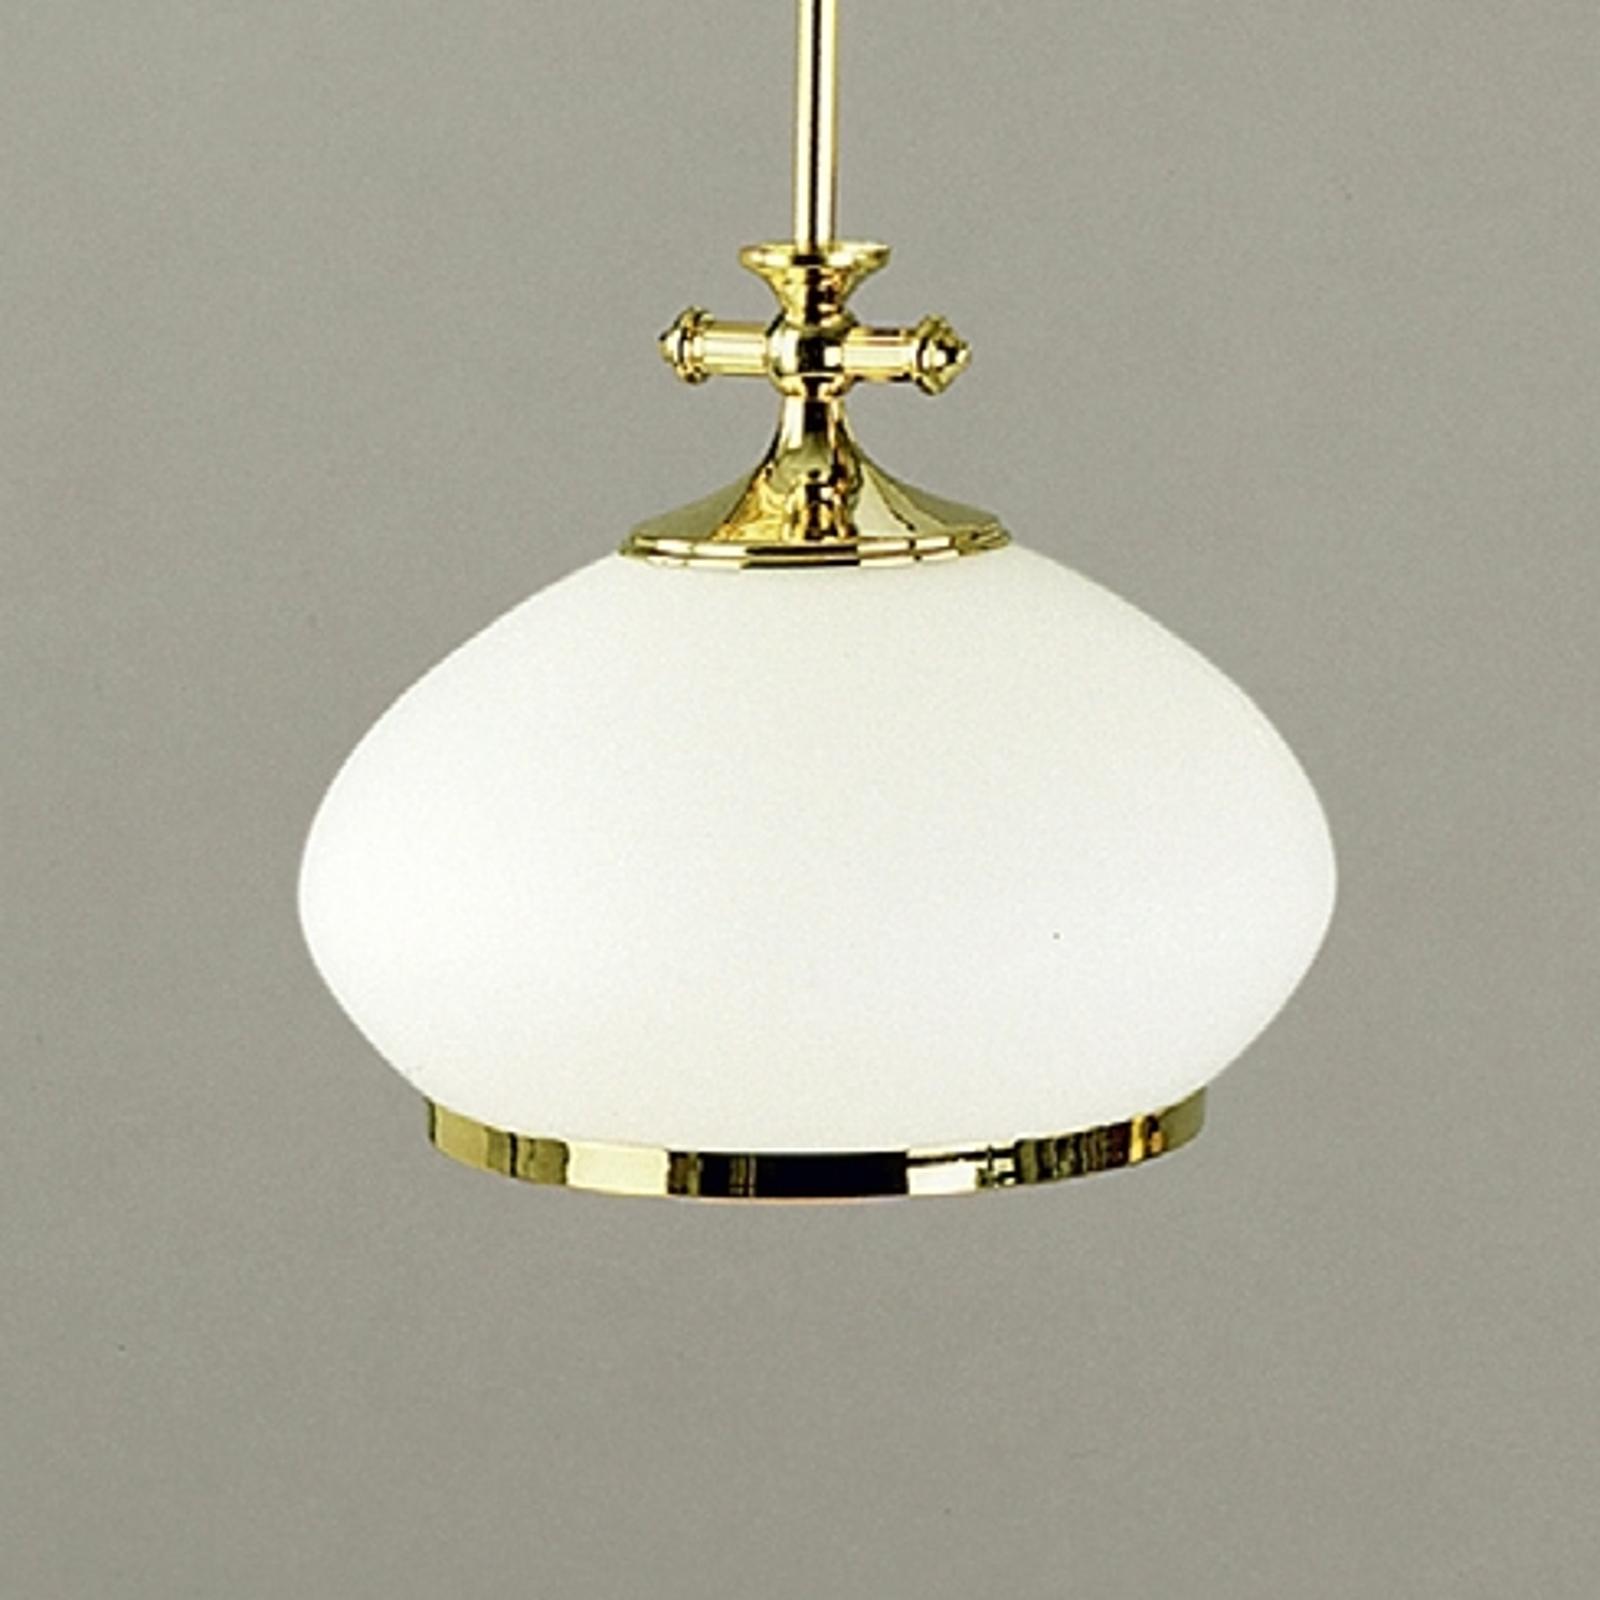 Mała lampa wisząca EMPIRA, śr. 24 cm